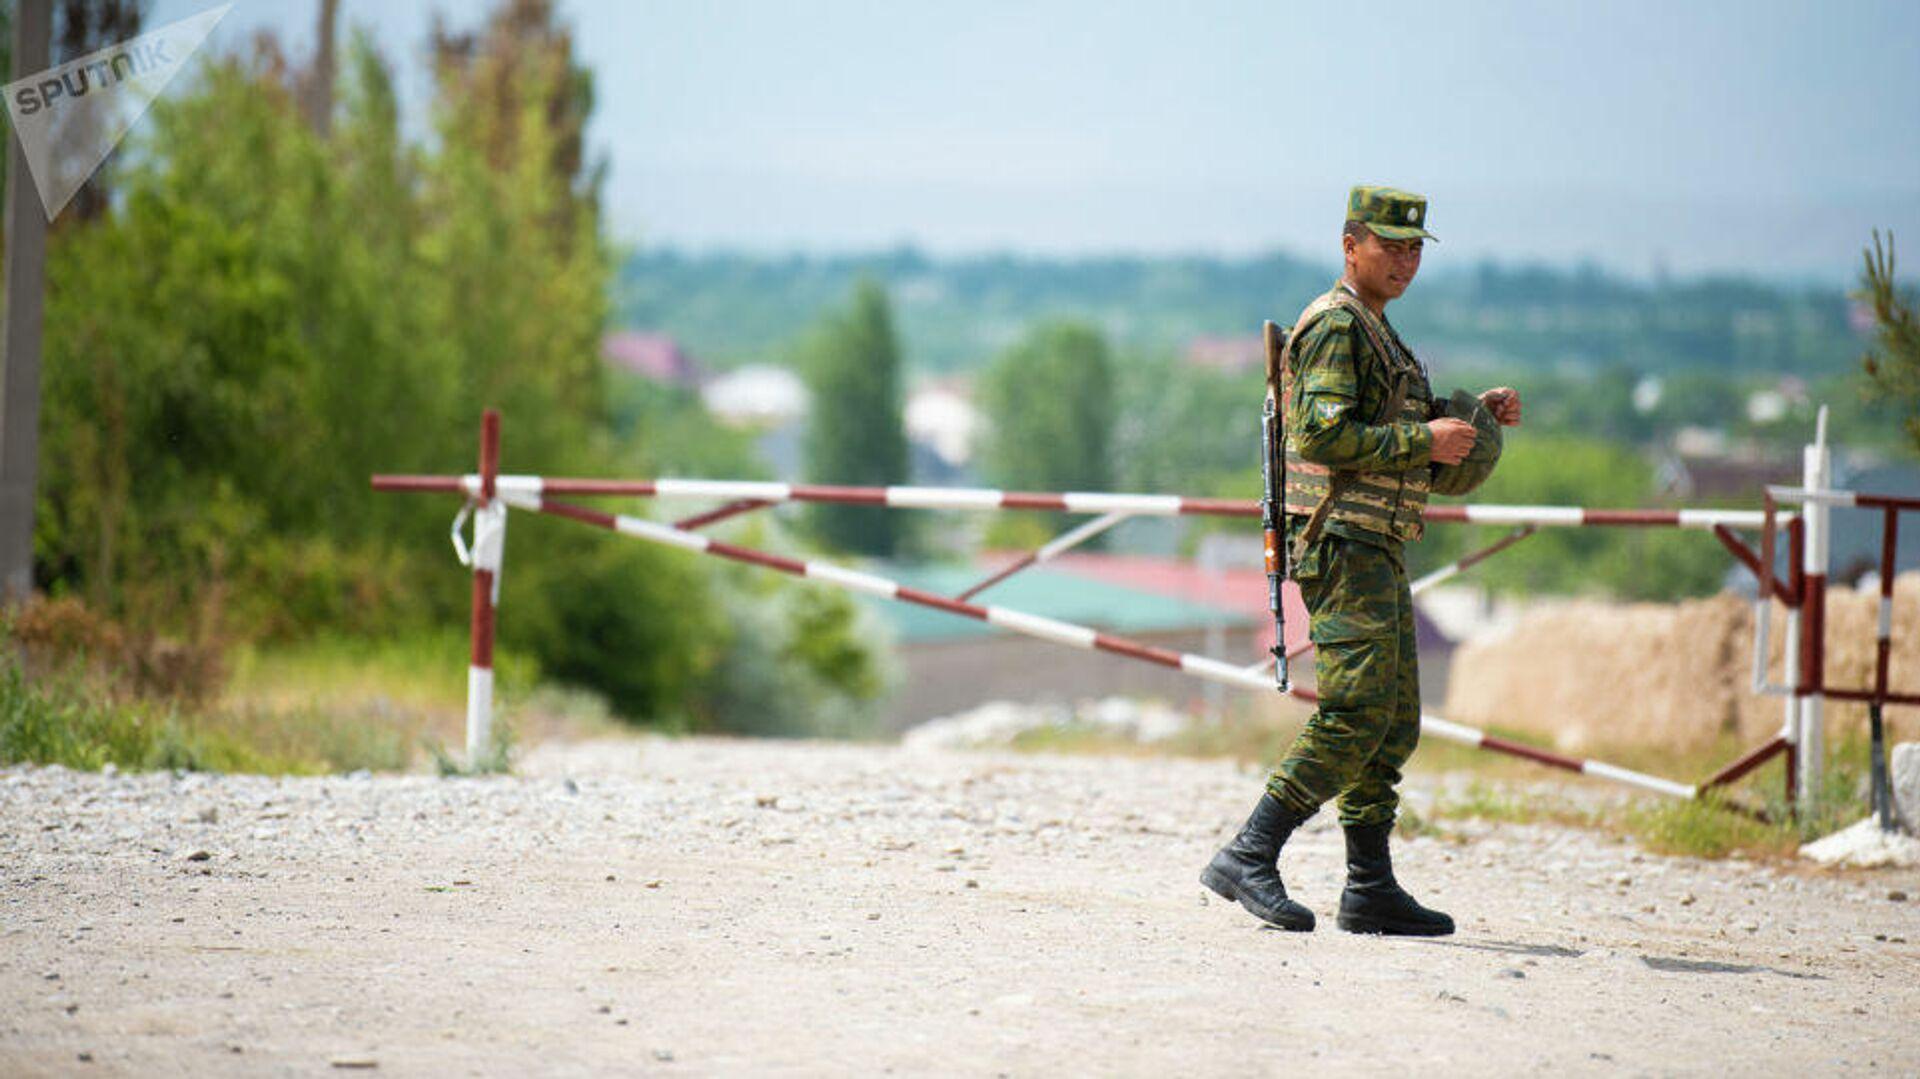 Сотрудник пограничной службы КР на границе с Таджикистаном. Архивное фото - Sputnik Таджикистан, 1920, 08.07.2021